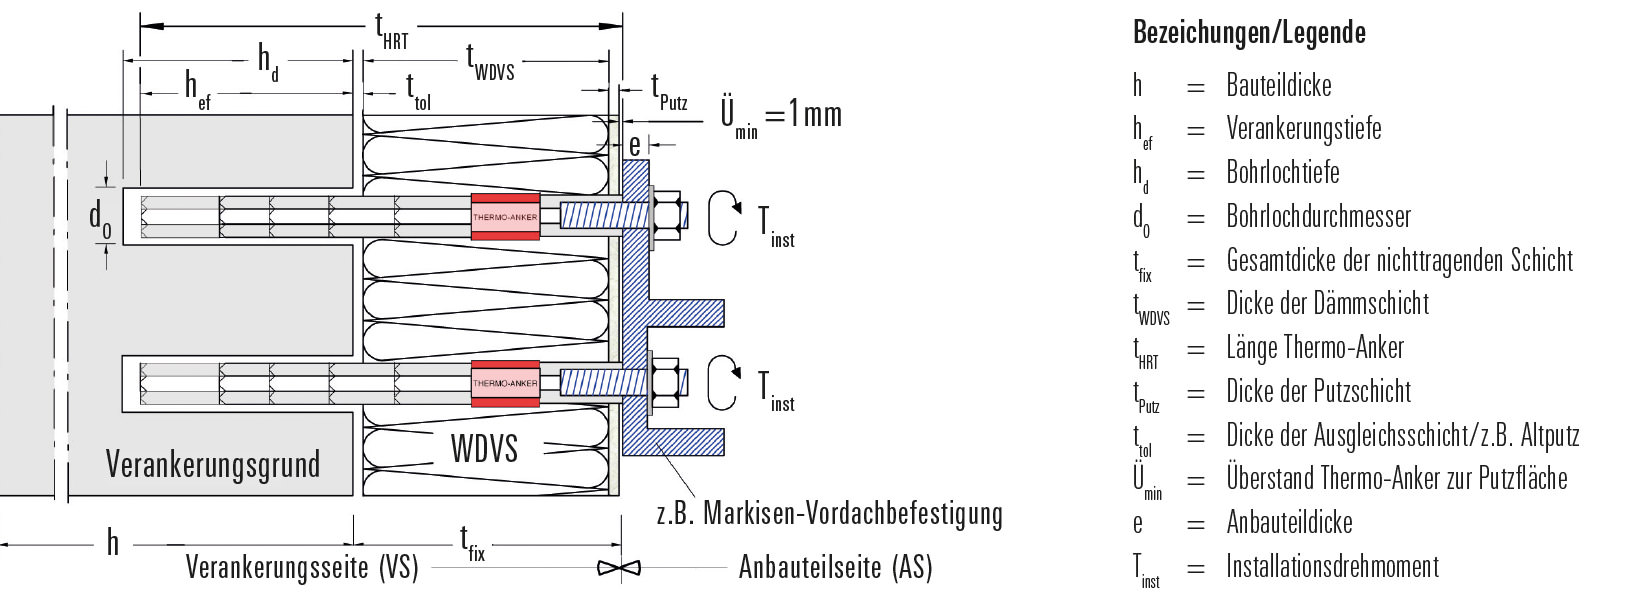 Charmant Ic Schematisch Ideen - Der Schaltplan - greigo.com